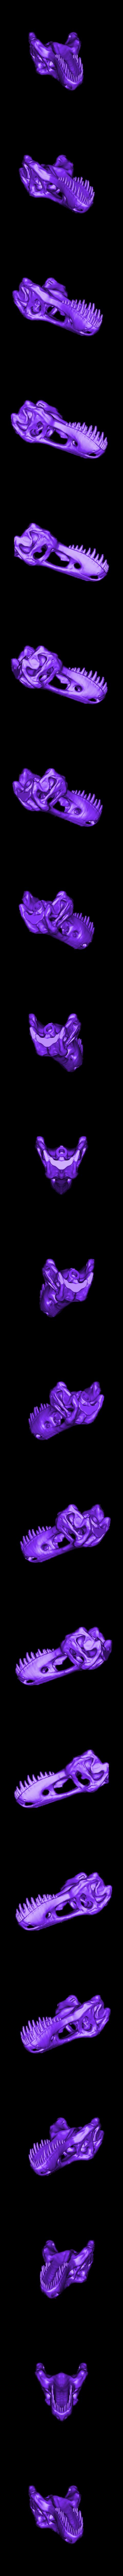 TRex_Skull.stl Télécharger fichier STL gratuit T-Rex Skeleton - Leo Burton Mount • Objet à imprimer en 3D, LordLilapause